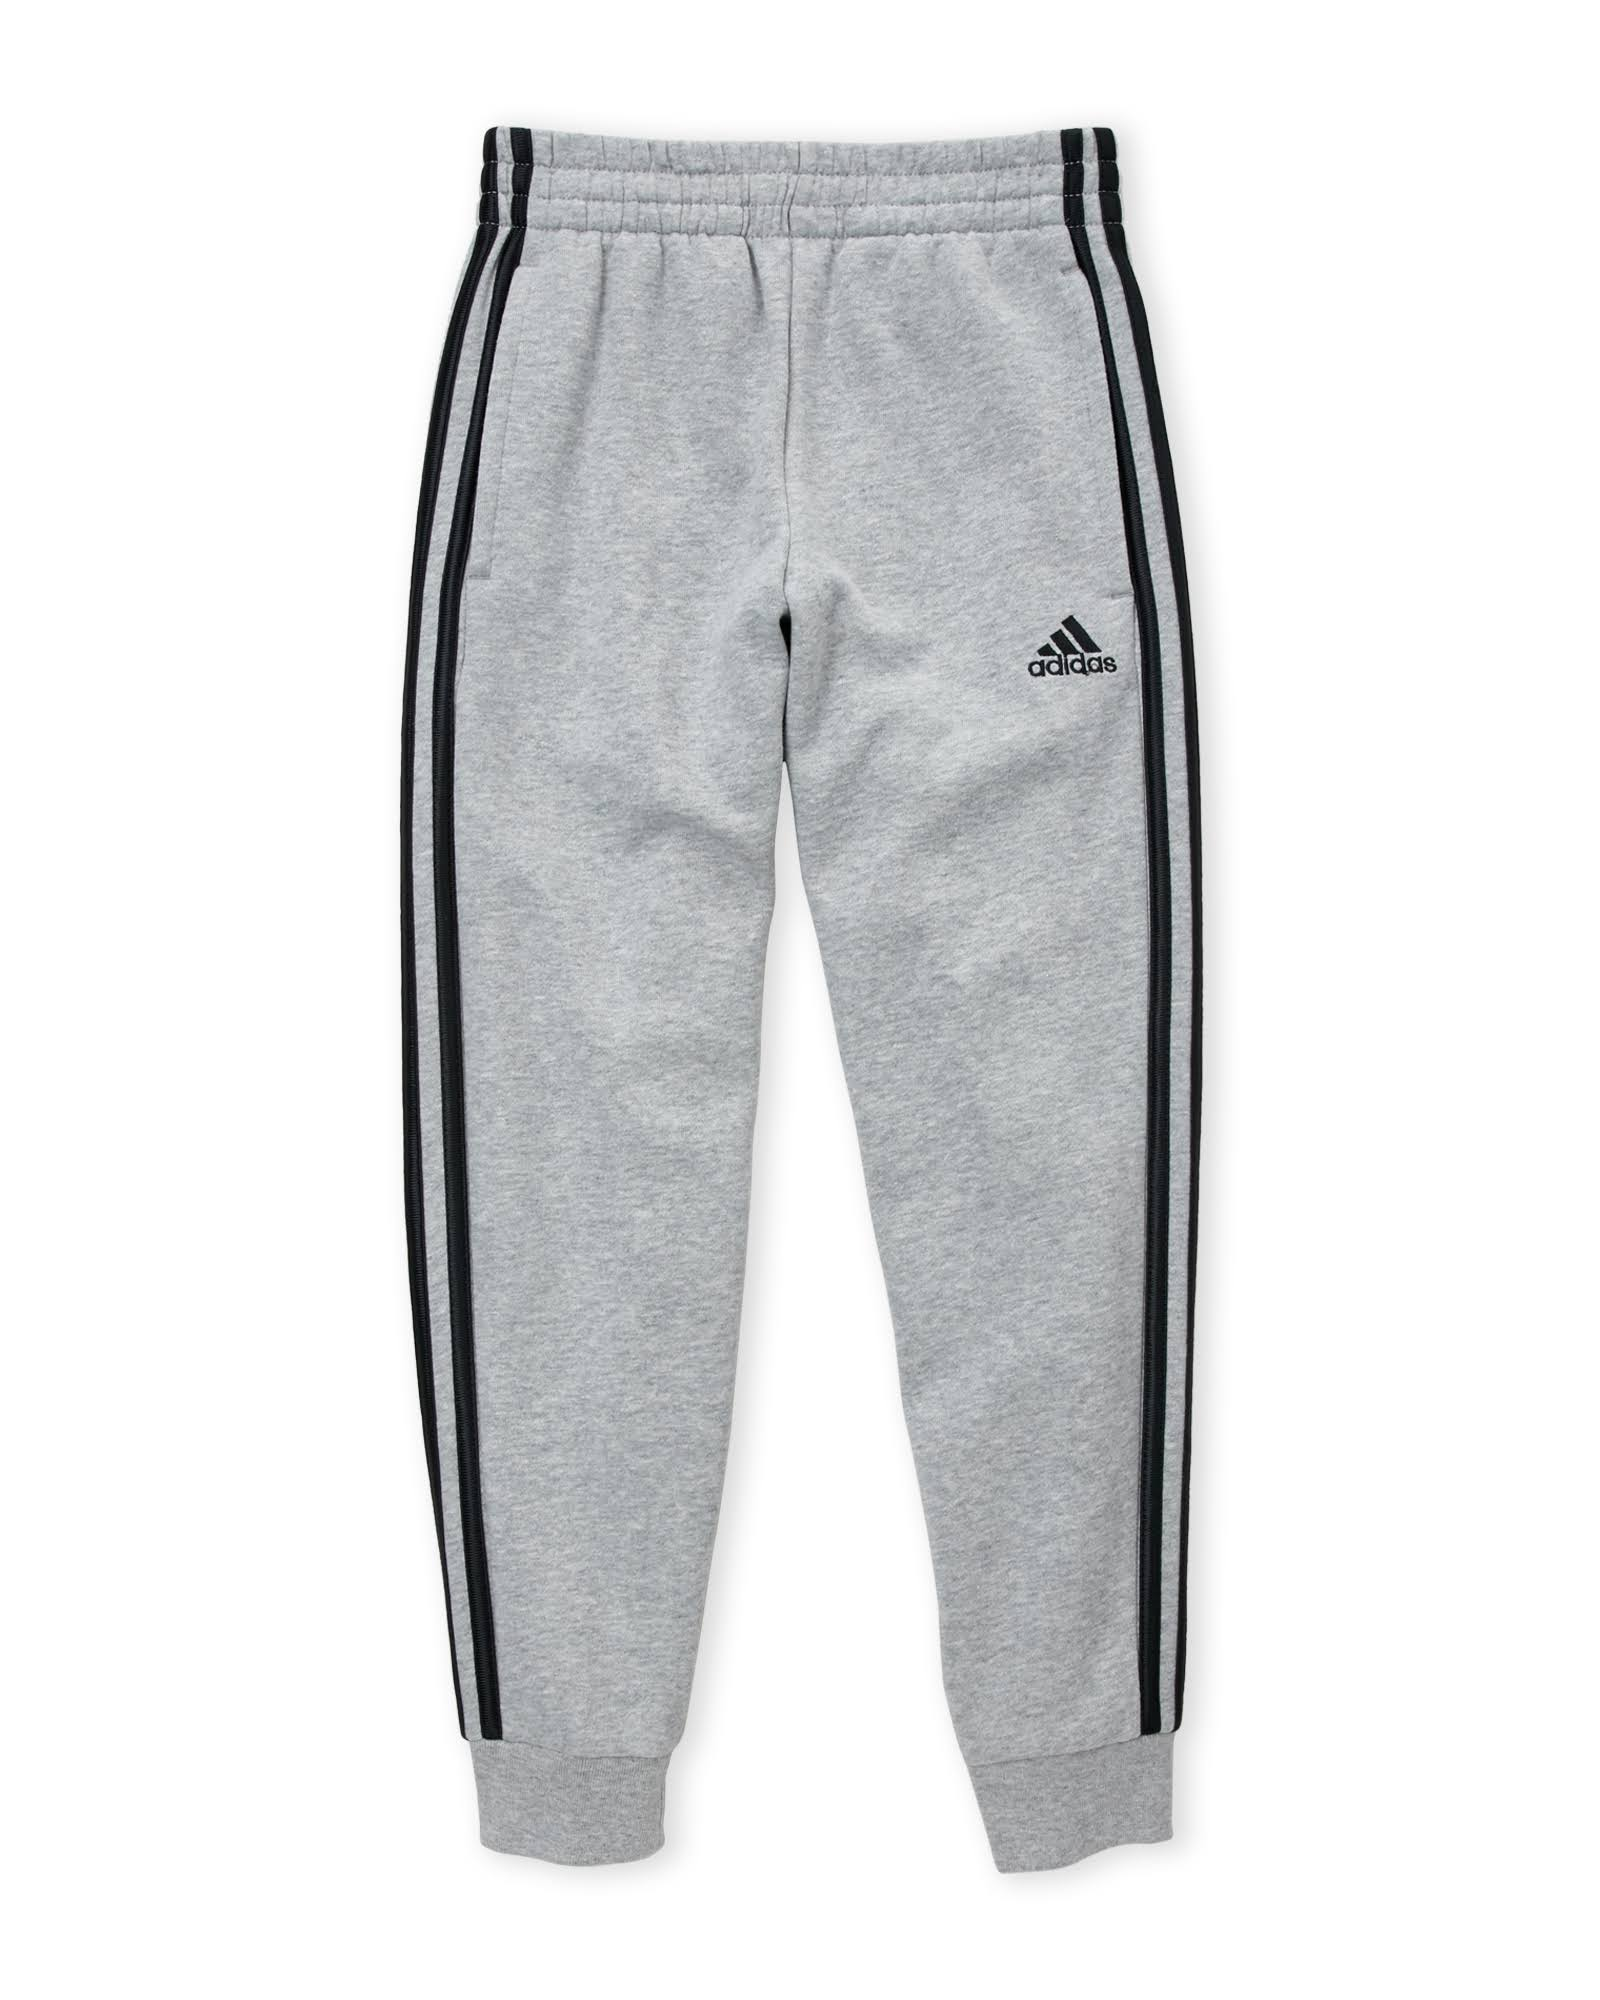 jogger a da da uomo Adidas Essentials Pantaloni strisce 3 IWEDH92